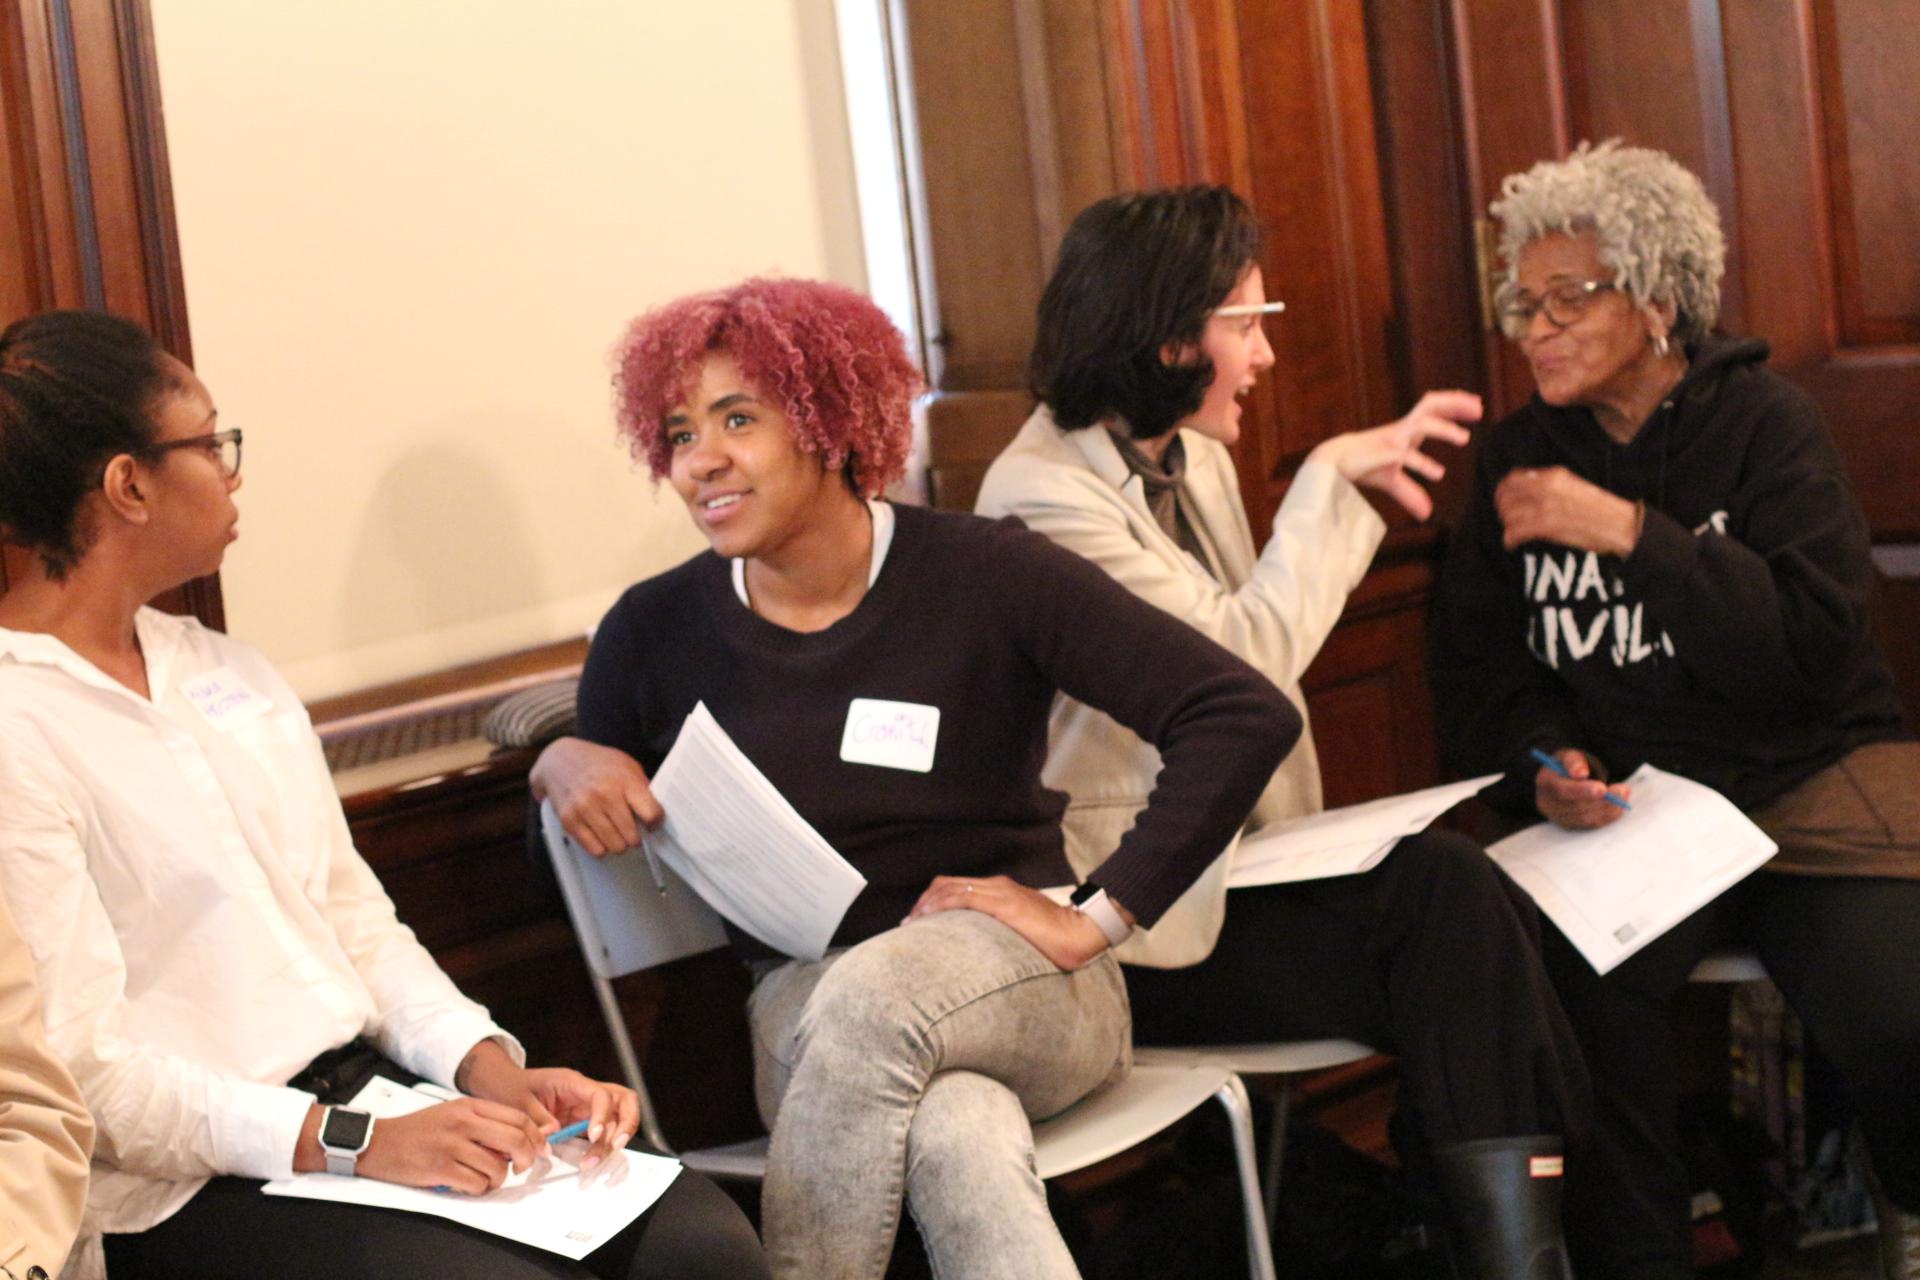 Professores conversando durante uma oficina no Museu da Cidade de Nova York.